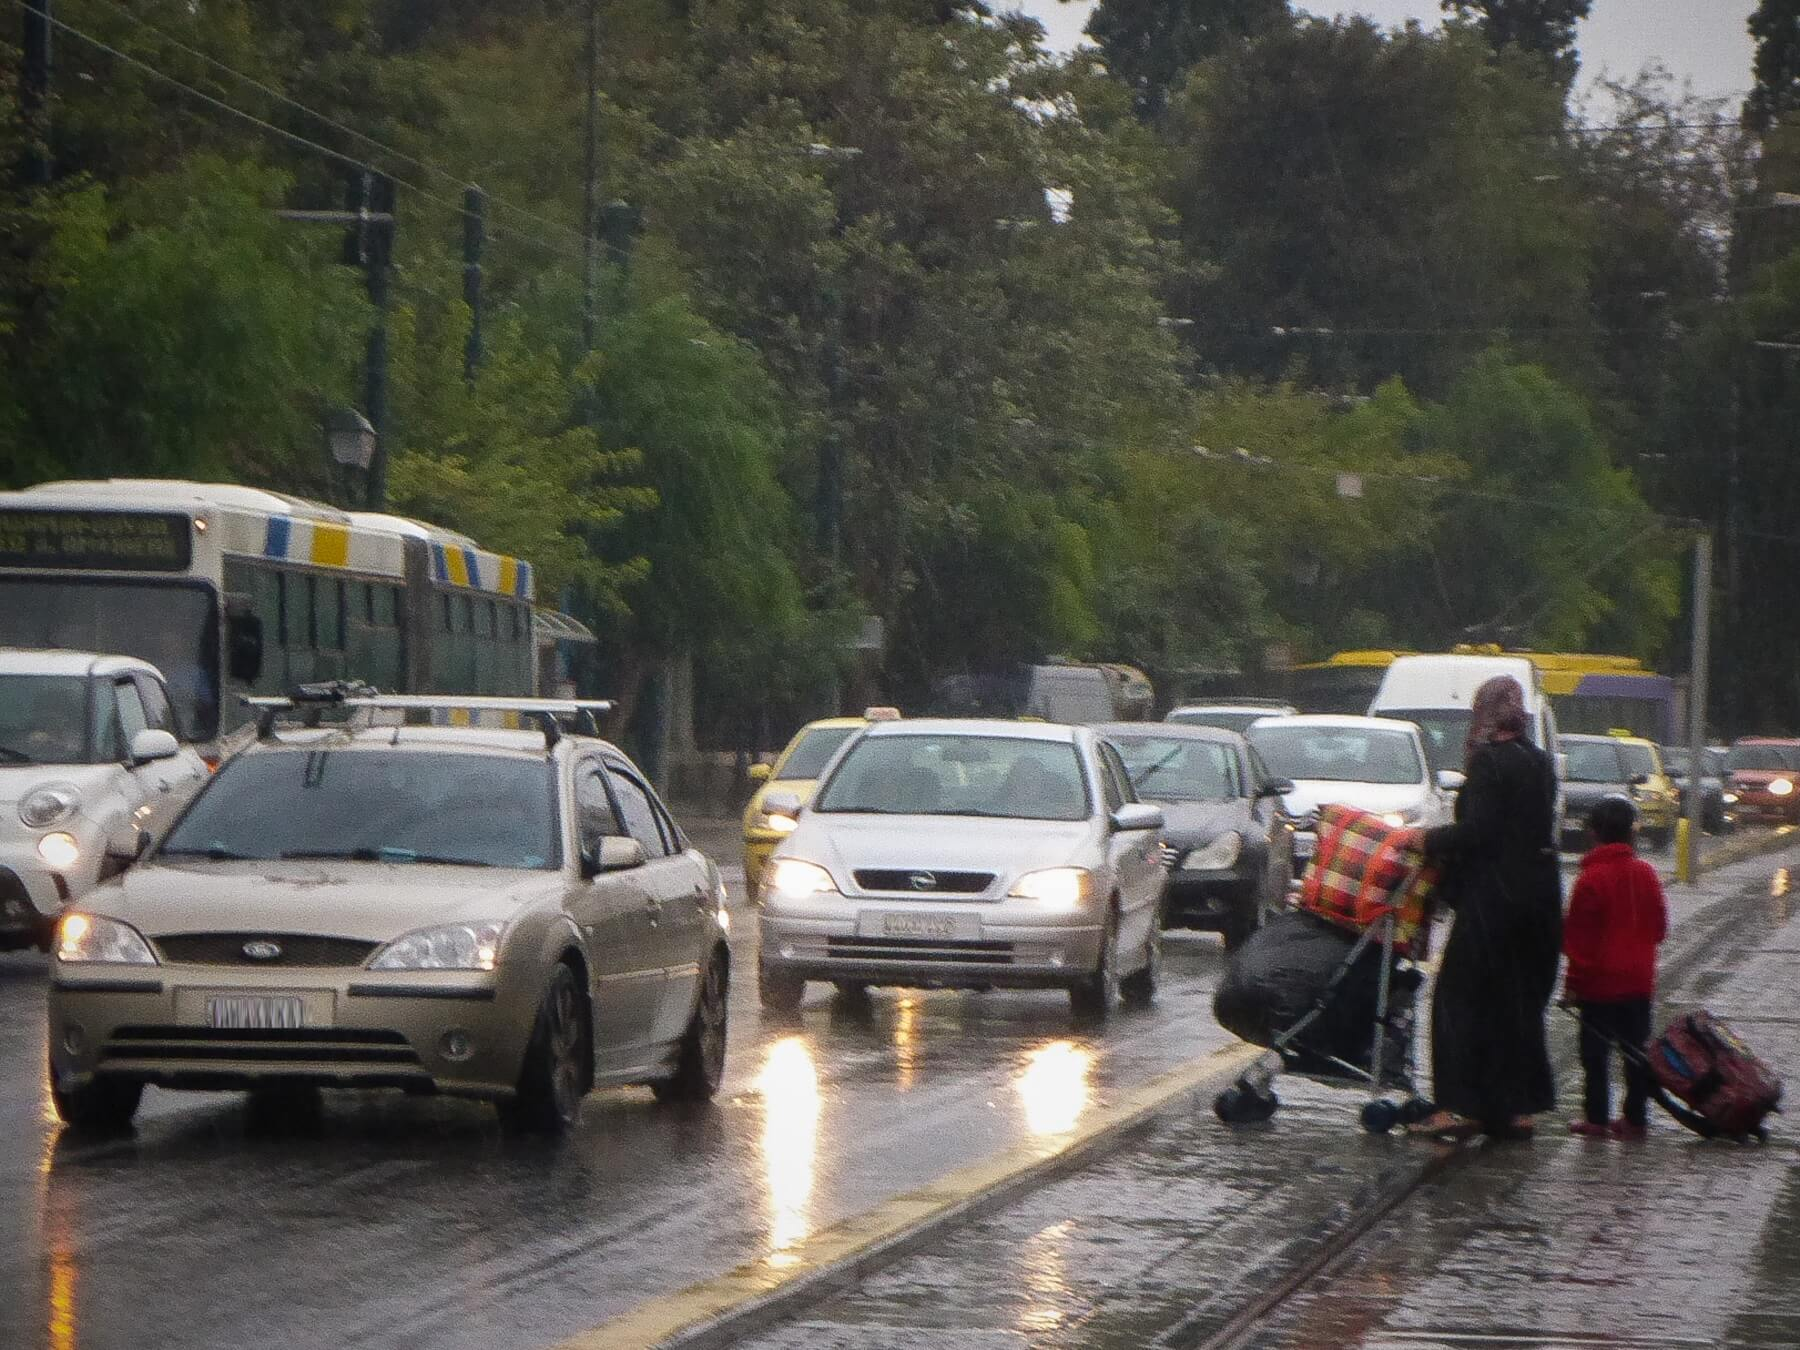 Προσοχή – Κίνηση στους δρόμους: «Έμφραγμα» στο κέντρο της Αθήνας από πορείες και βροχή